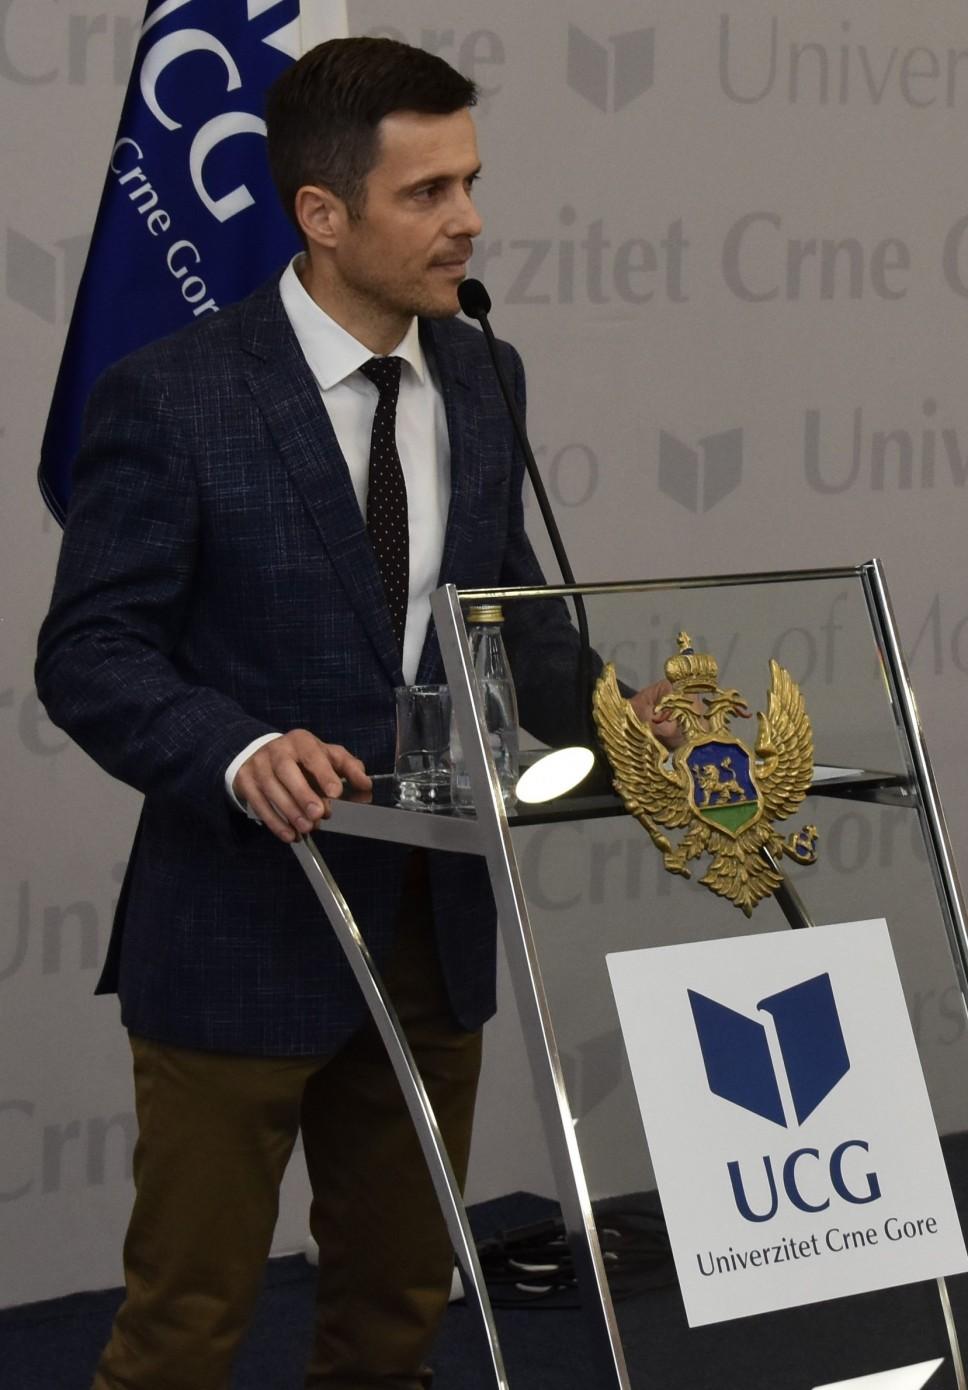 Biografija - Mujović Saša